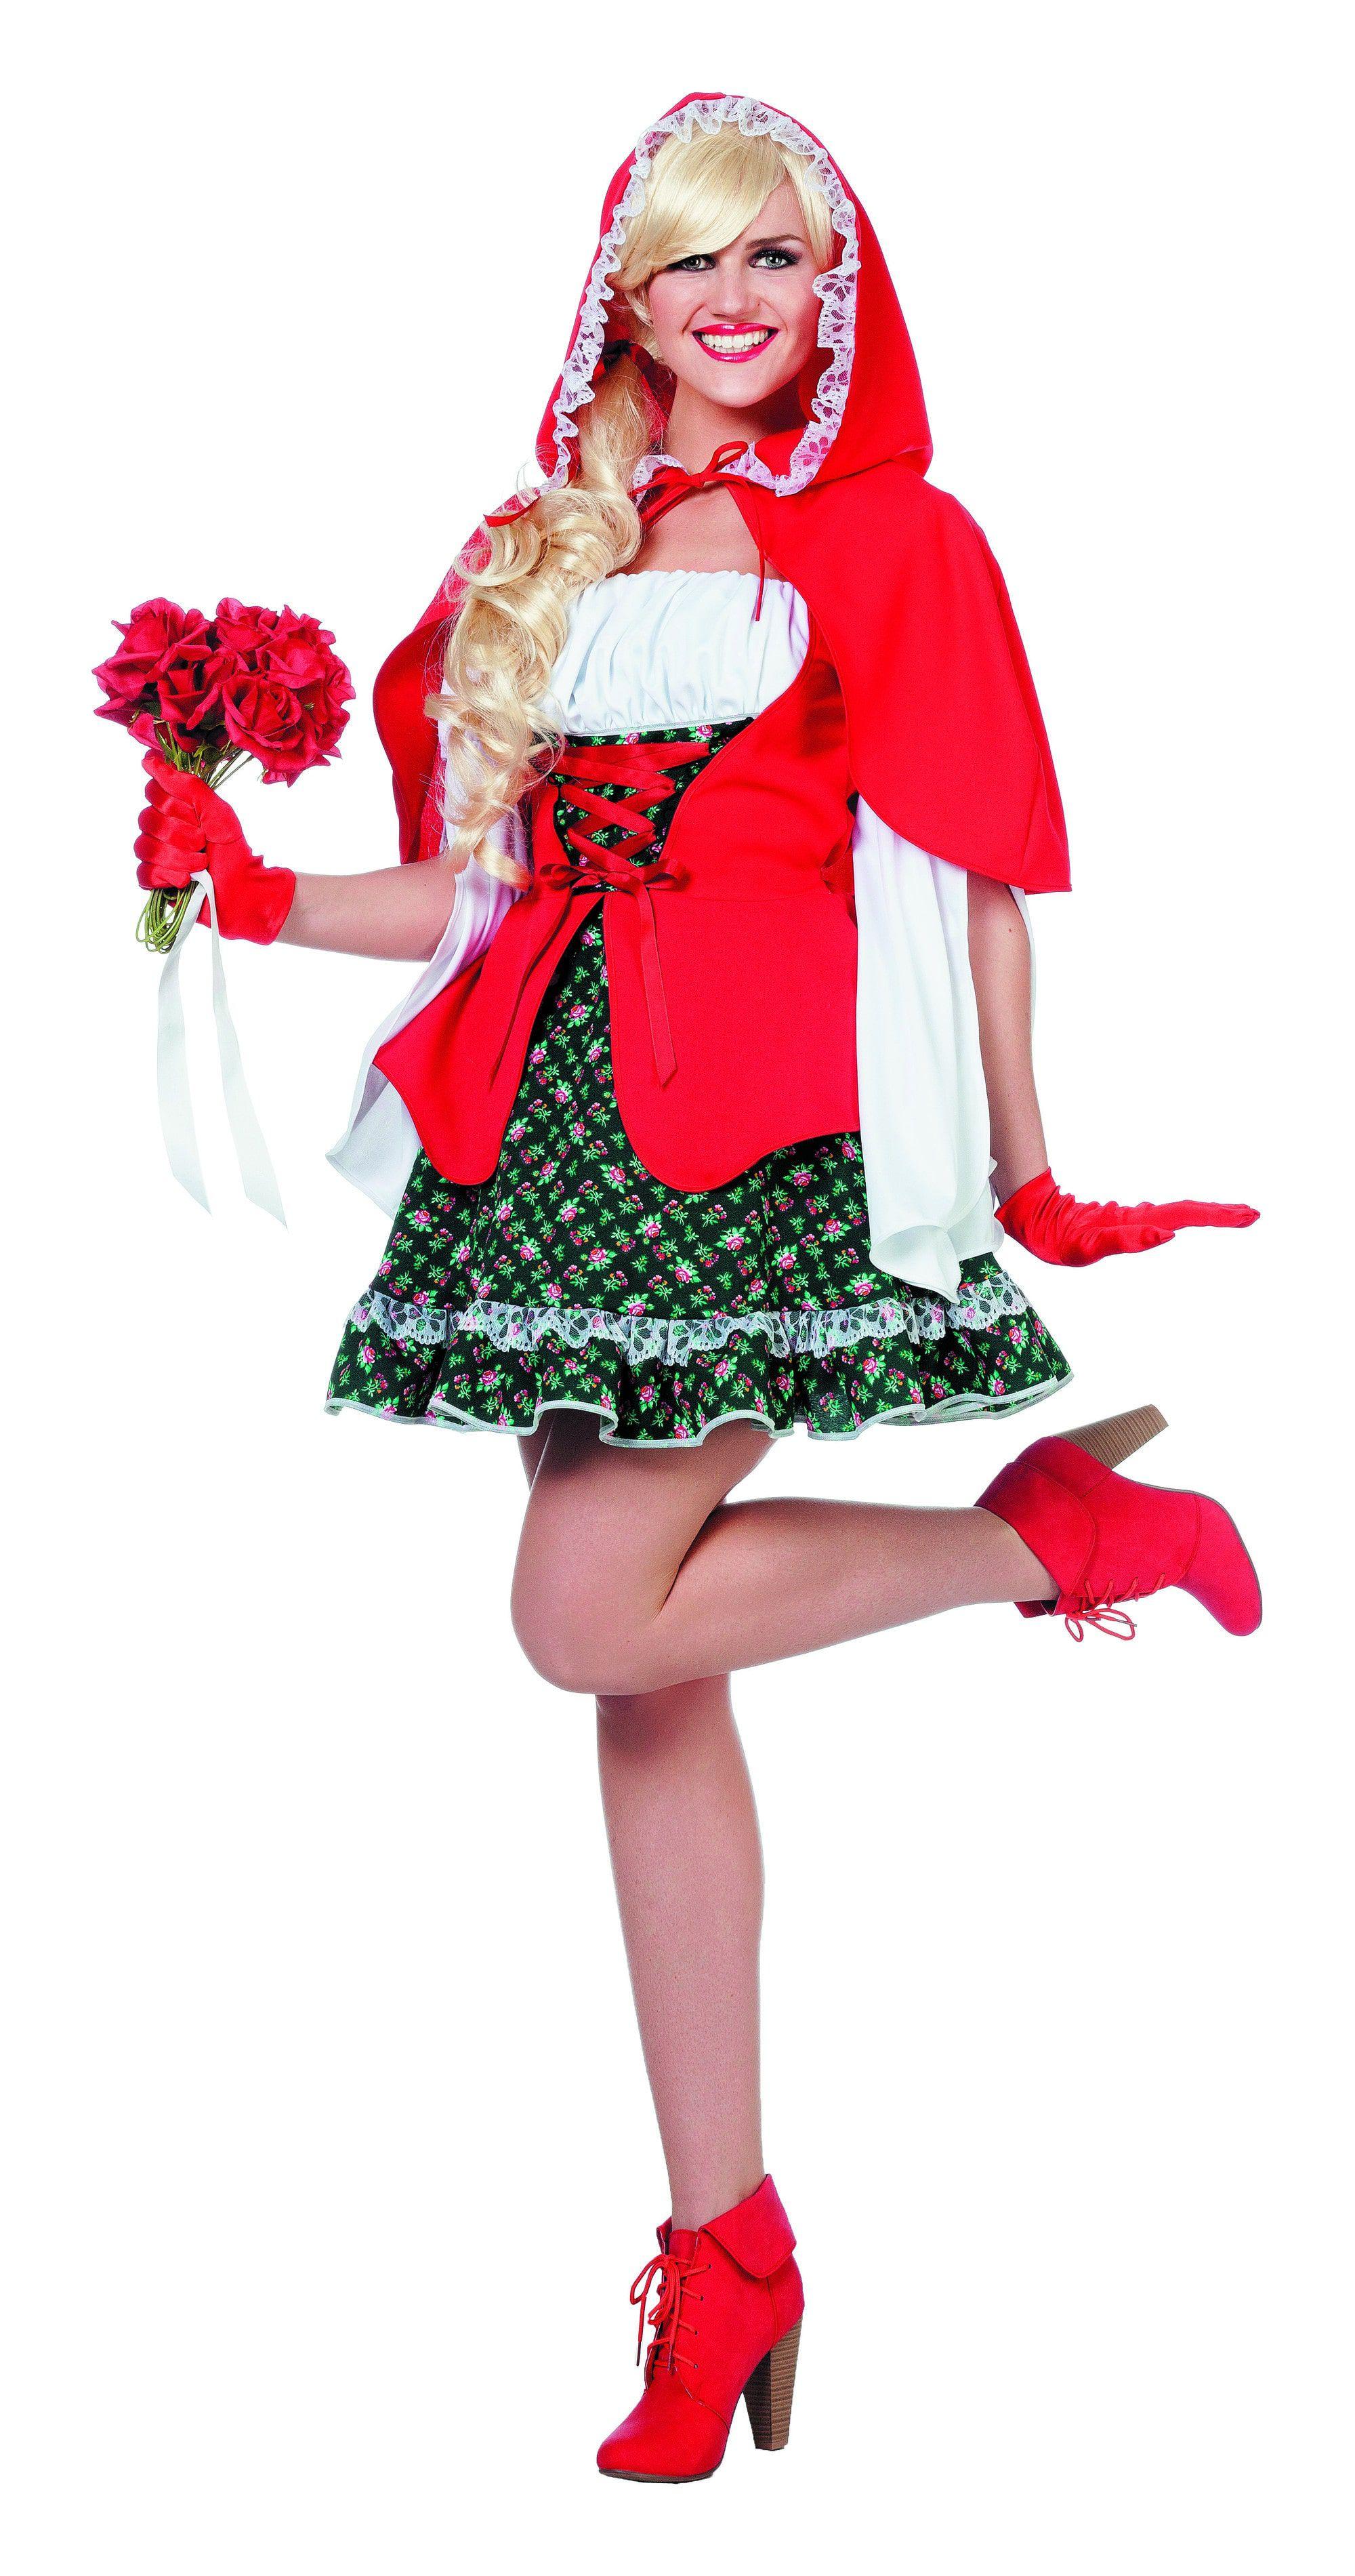 Sprookjes Dame Met Rode Cape (Luxe) Vrouw Kostuum